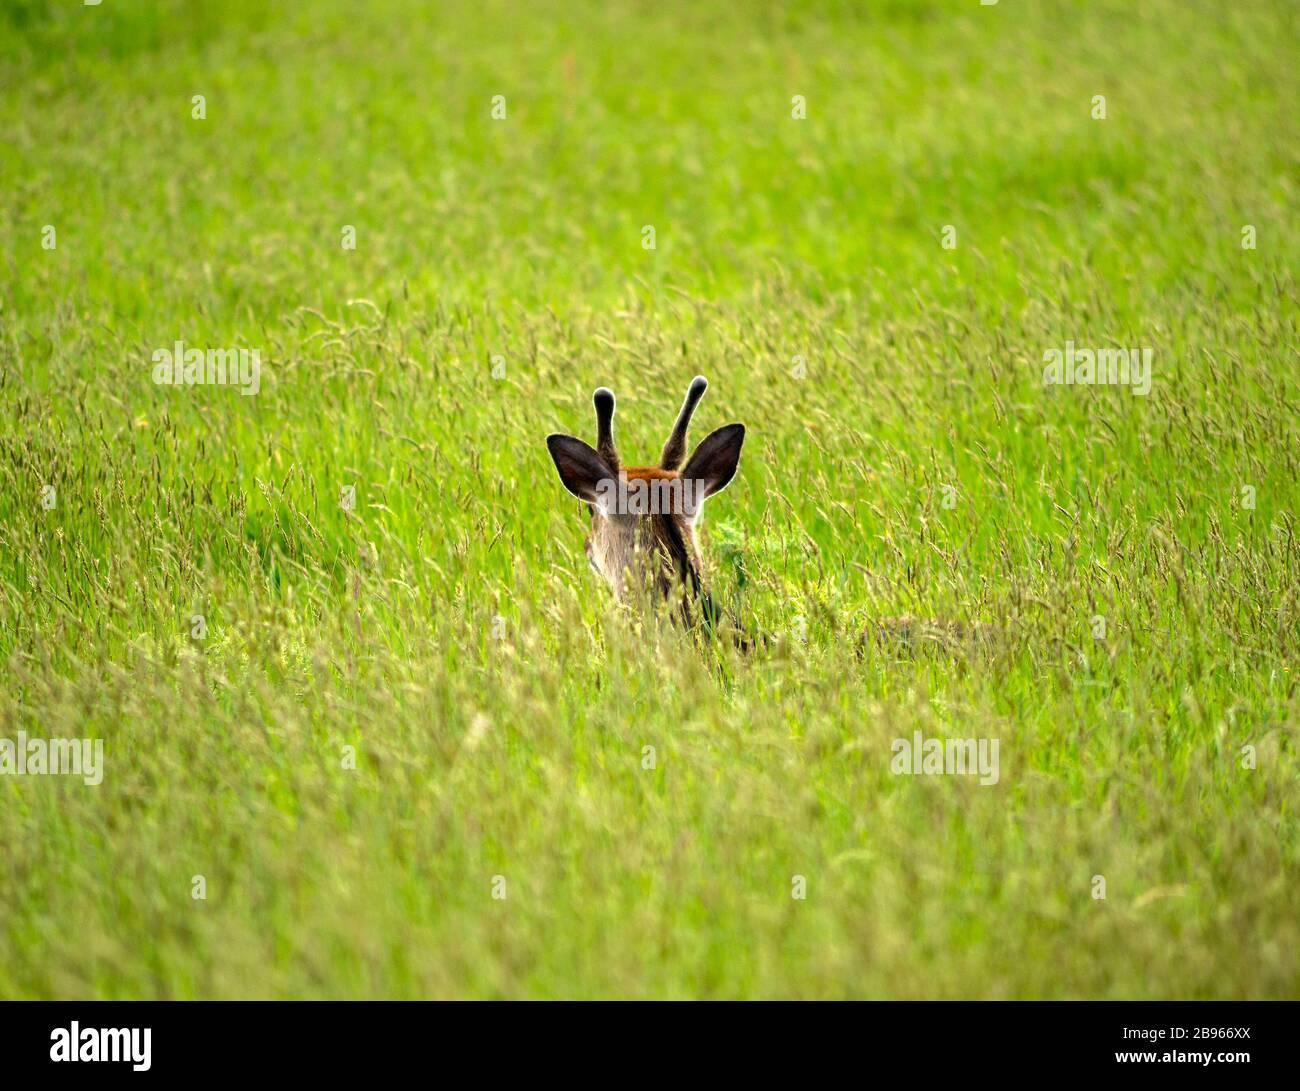 young-deer-or-cervus-elaphus-with-velvet